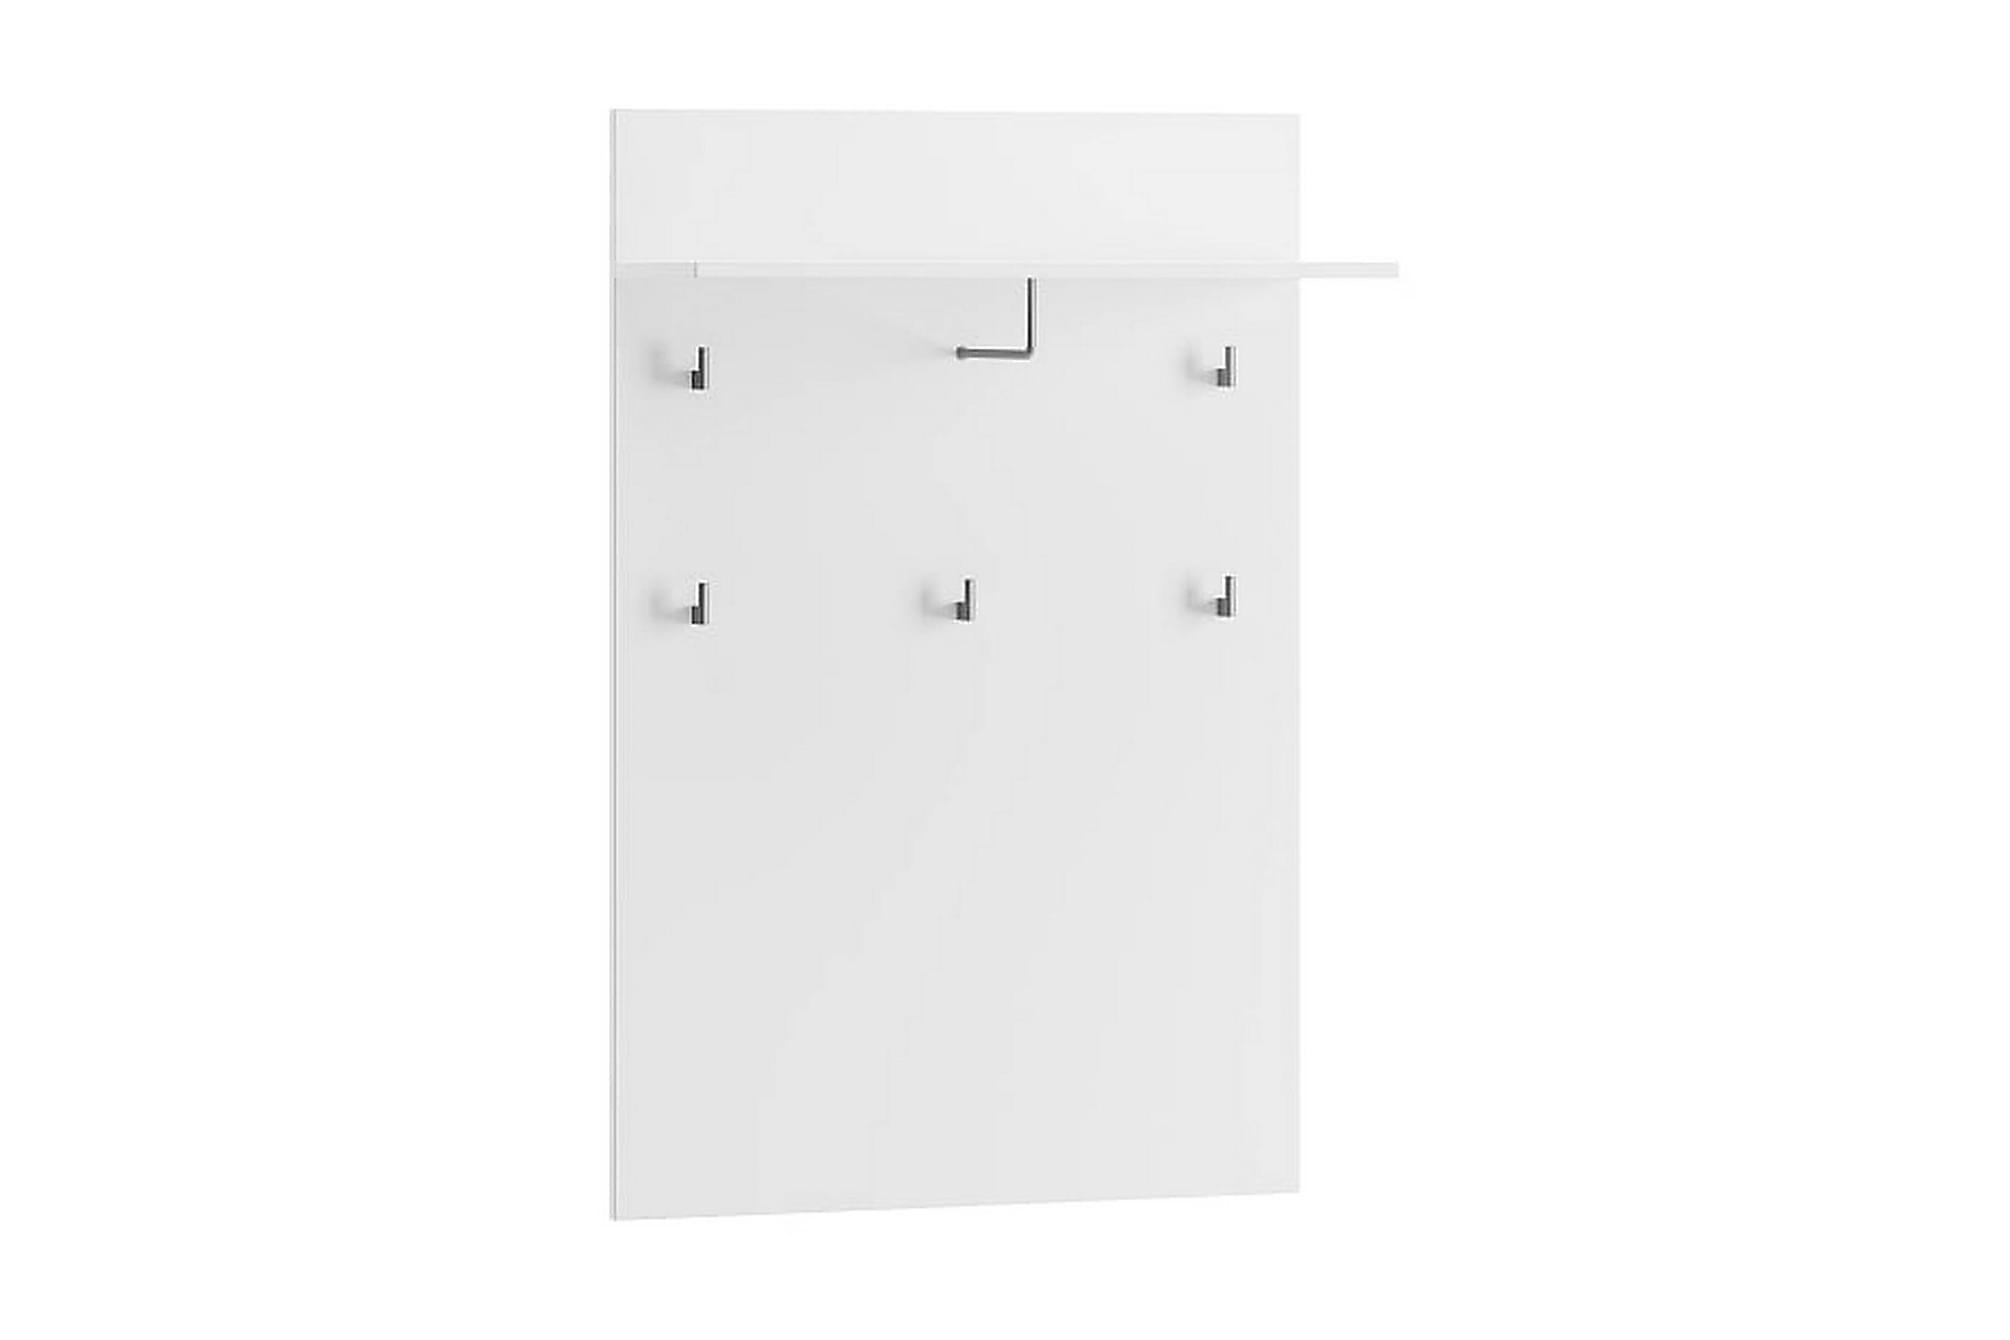 AYLIN Hallmöbel 79 Vit/Vit Högglans, Klädförvaringssystem